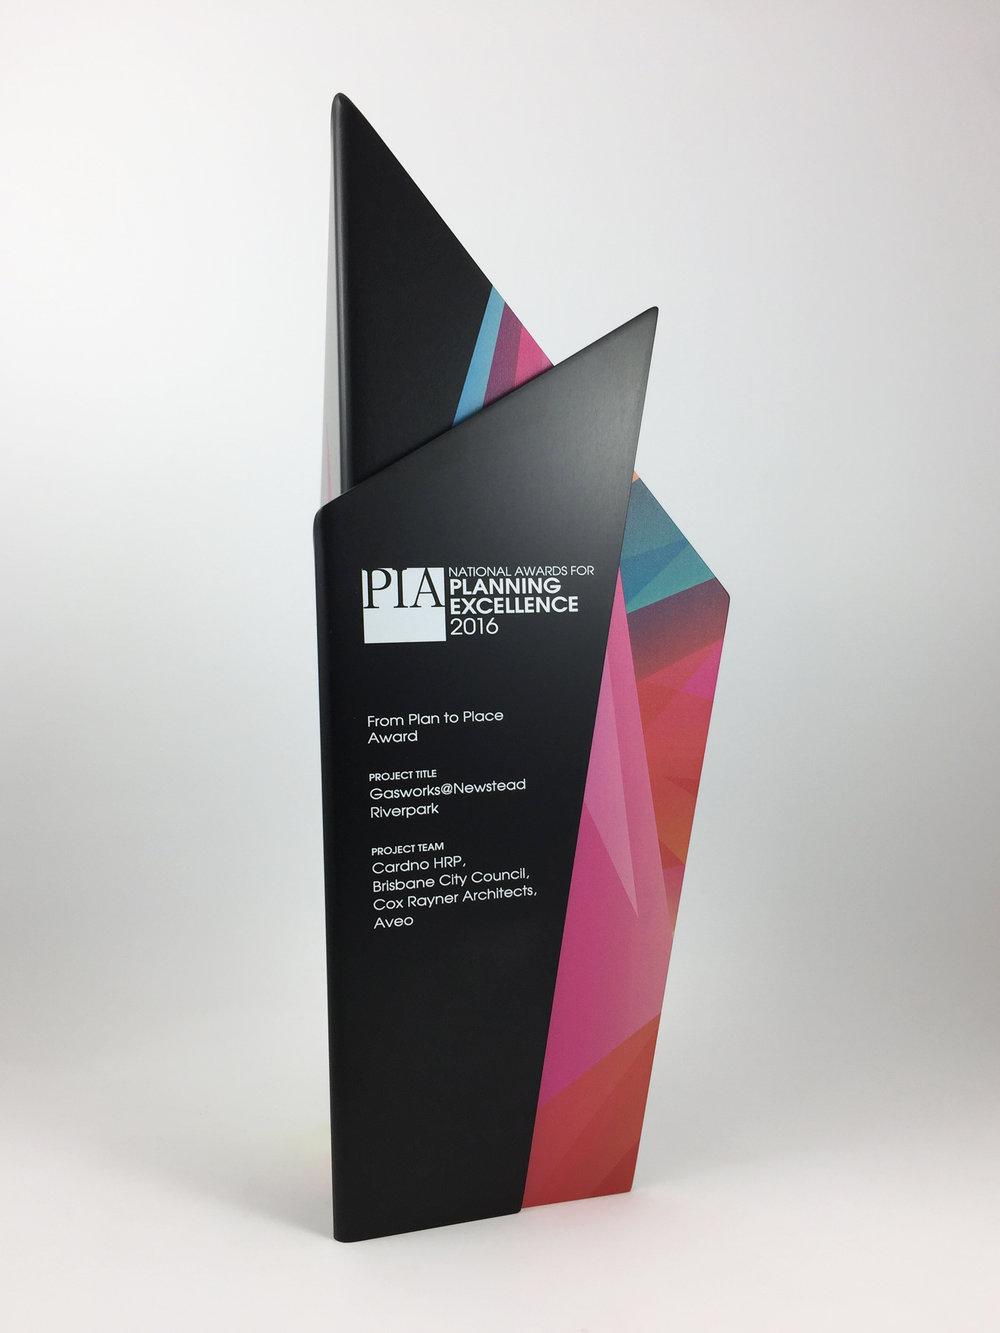 Planning-Institute-Australia-award-aluminium-trophy-02.jpg